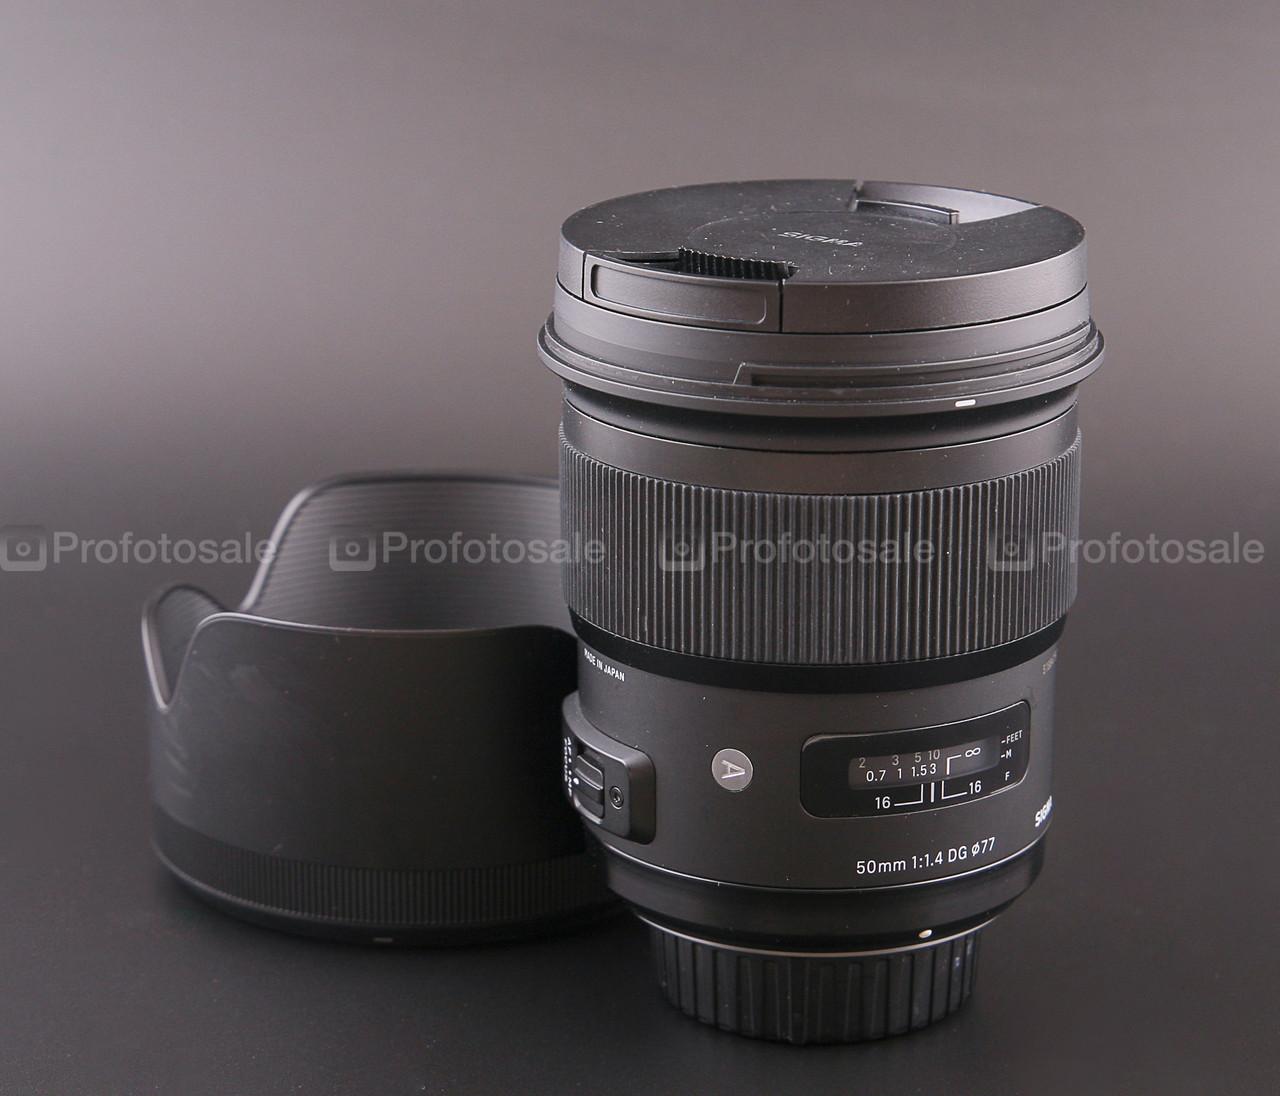 Sigma 50mm f/1.4 ART (Nikon)